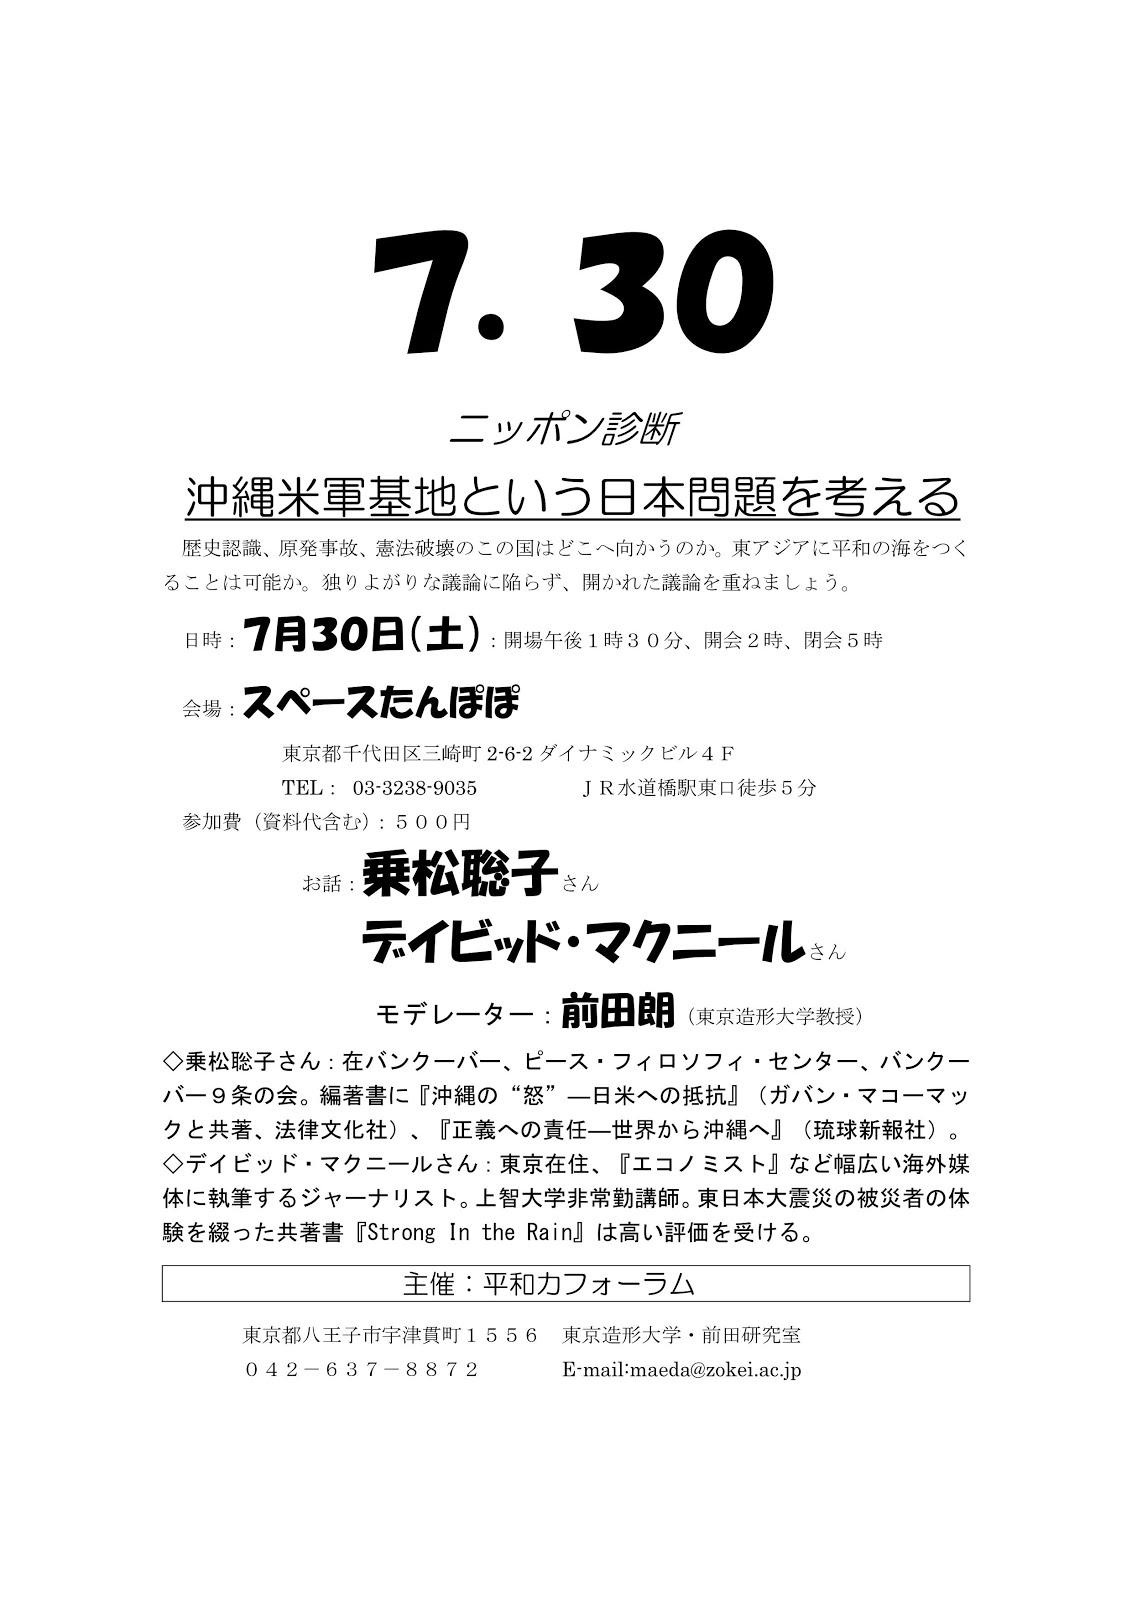 7月30日、東京で座談会イベント― 前田朗、デイビッド・マクニール、乗松聡子